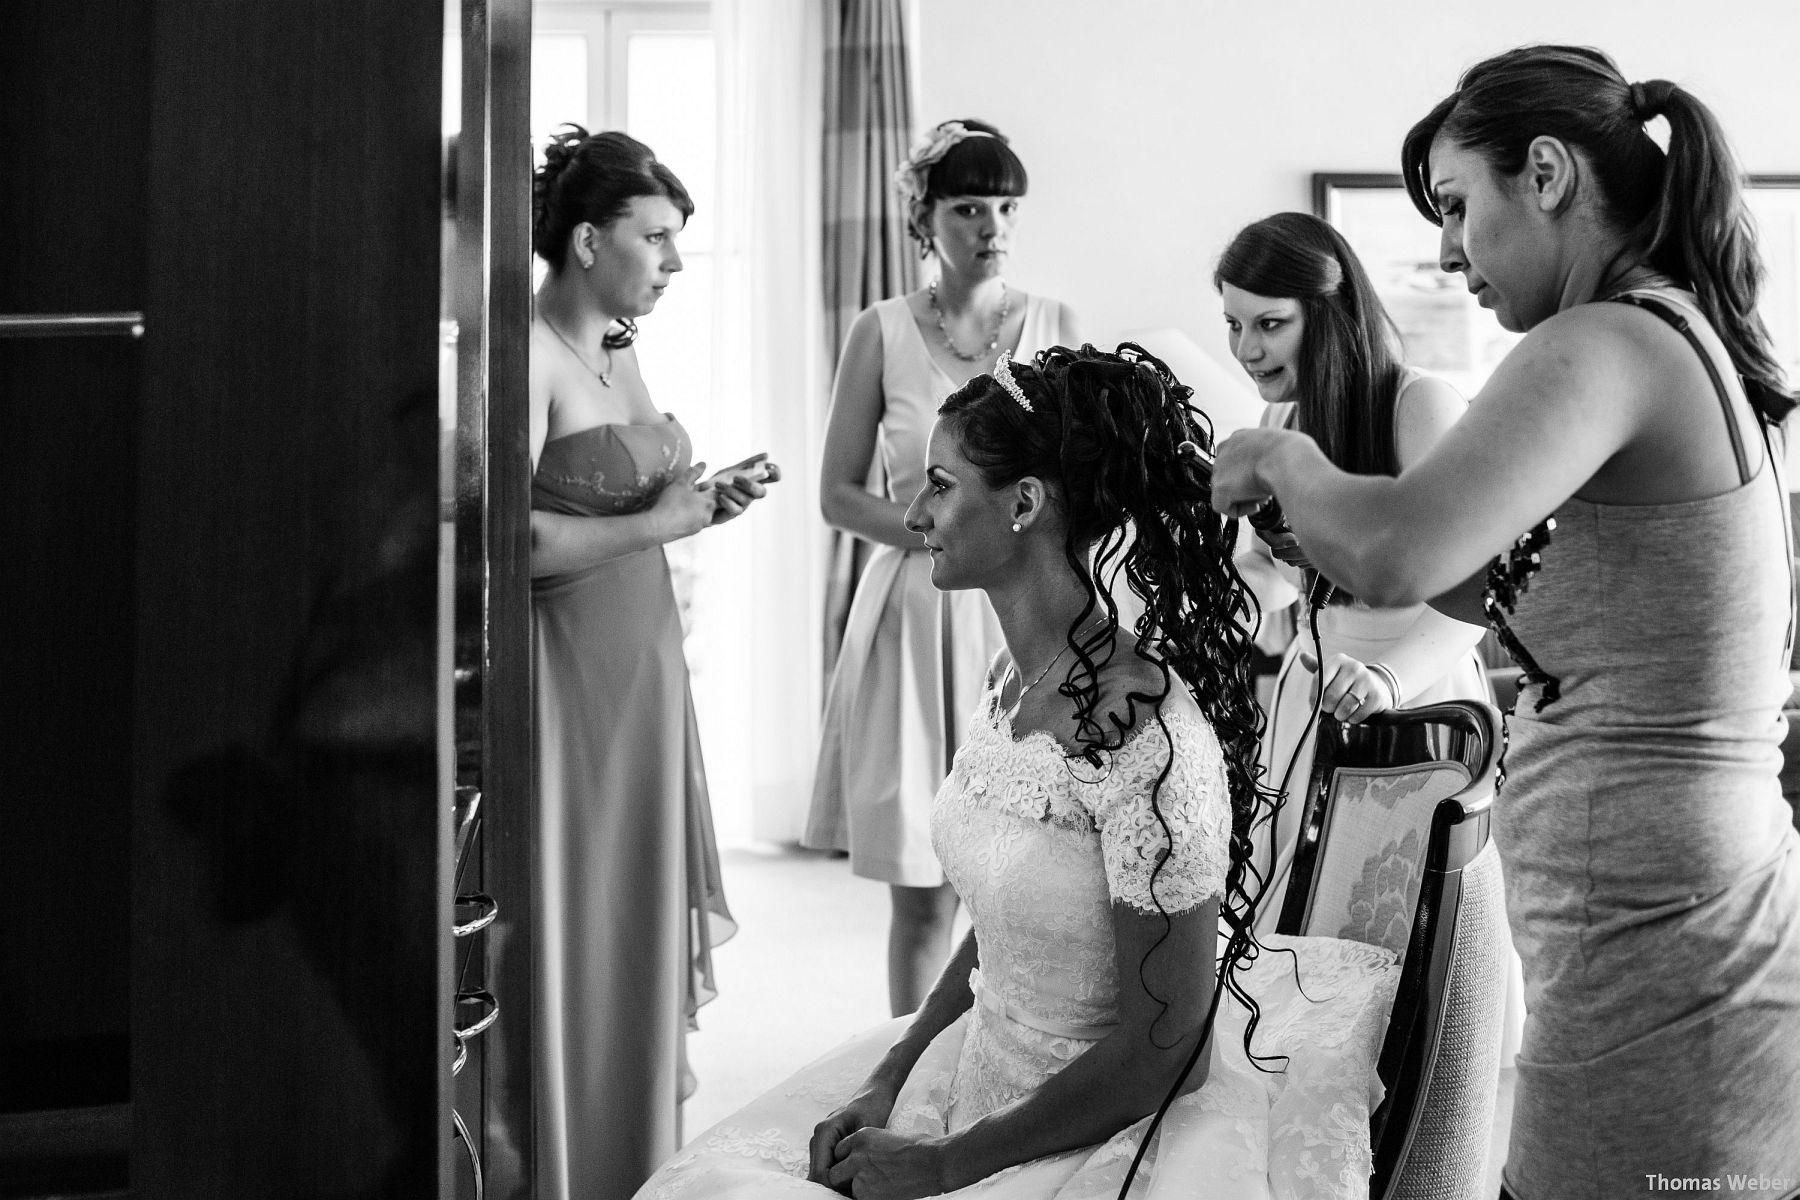 Hochzeitsfotograf Thomas Weber aus Oldenburg im Dorint Parkhotel Bremen